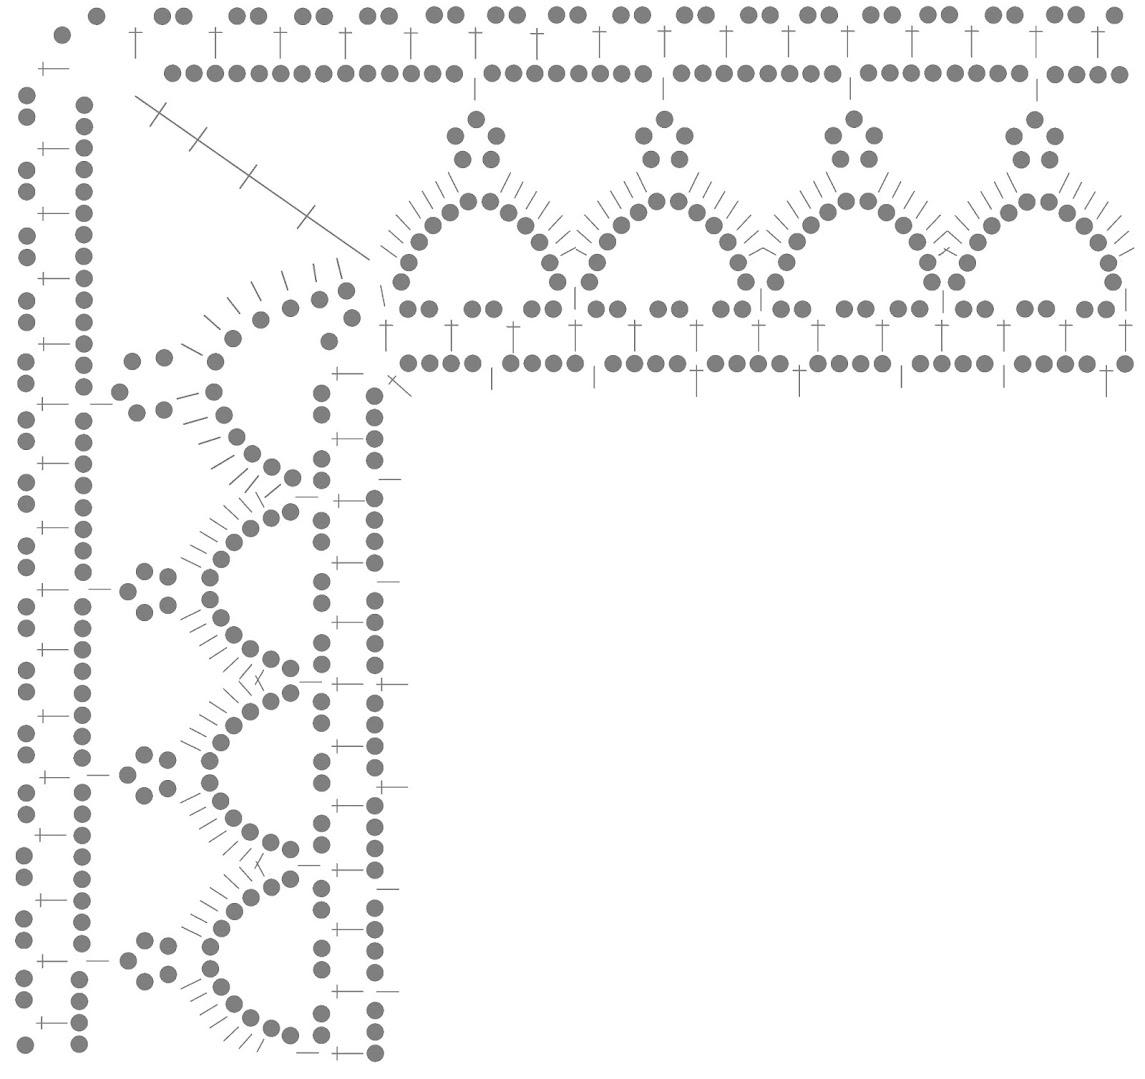 Прямоугольная салфетка. Схема обвязывания края.